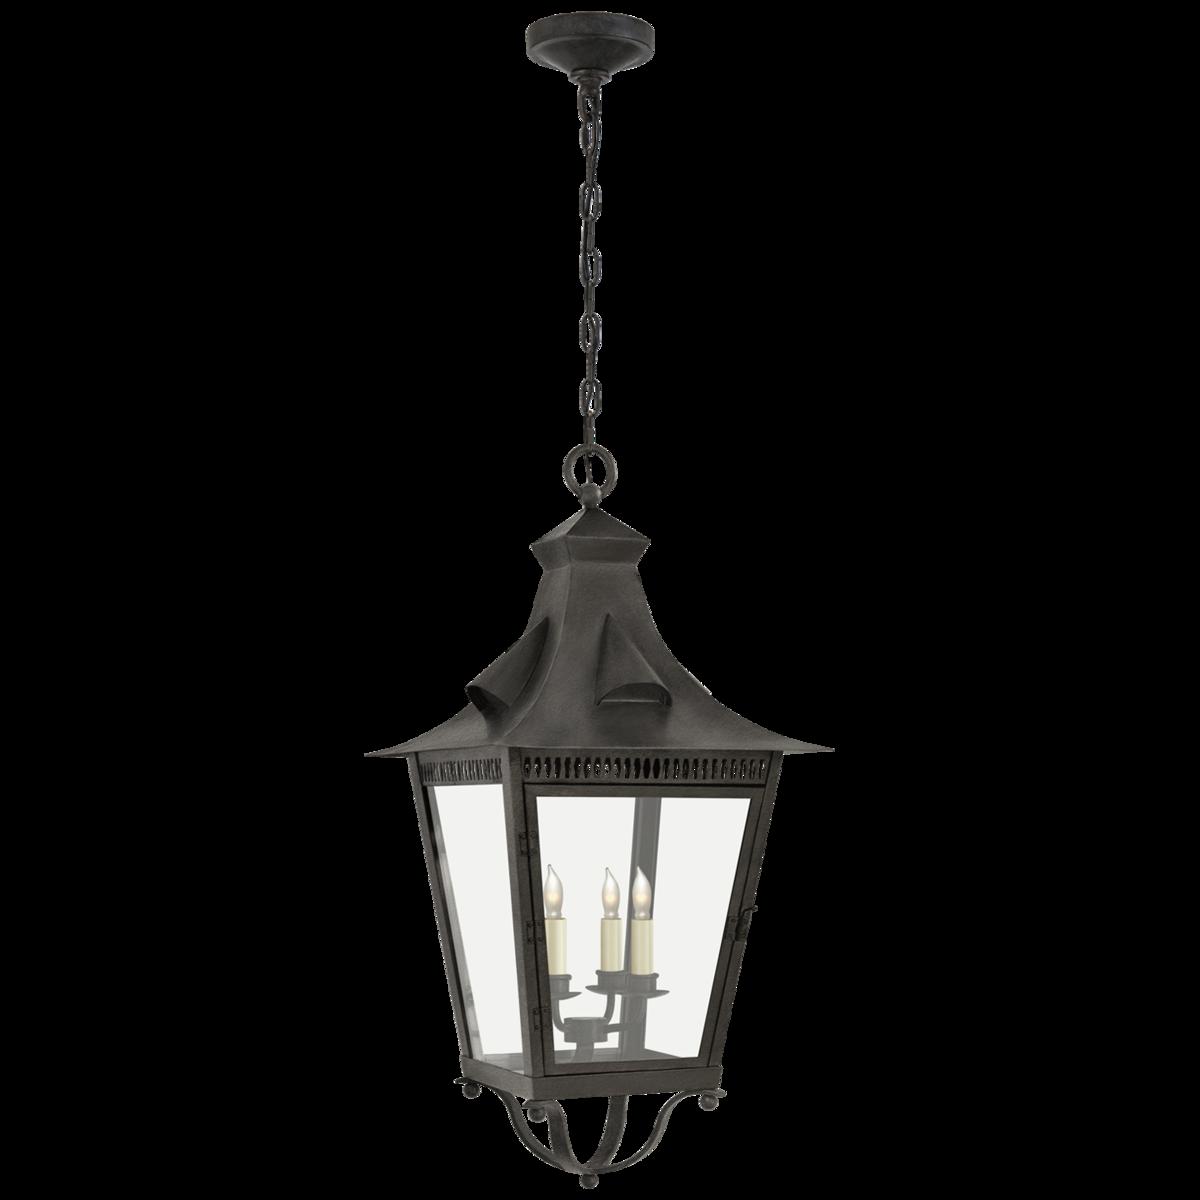 Orleans Large Hanging Lantern